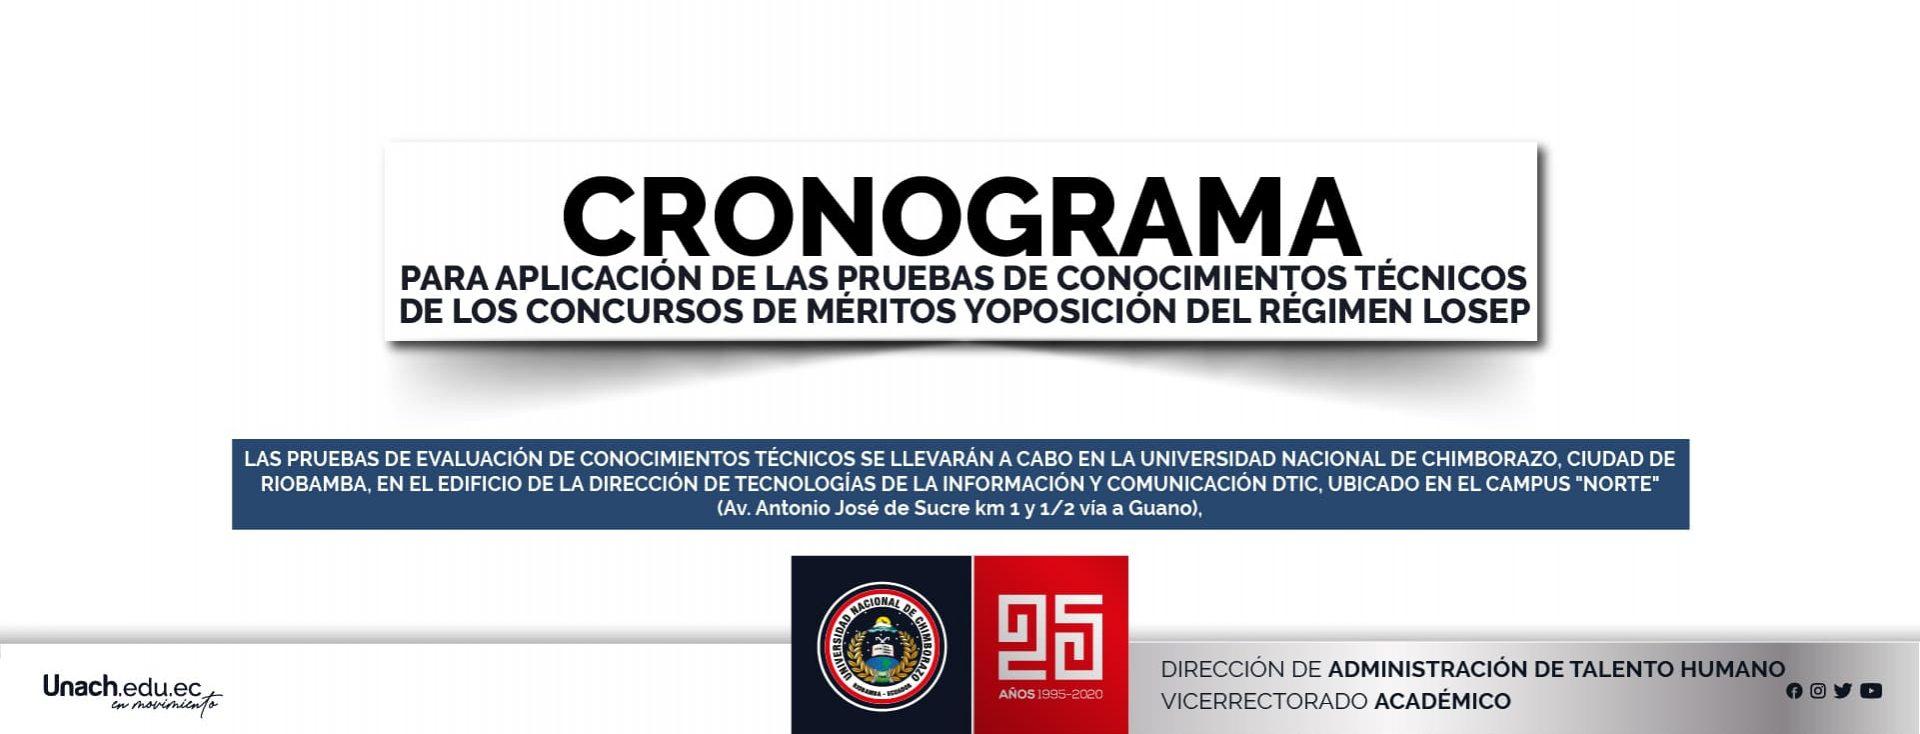 CRONOGRAMA PARA APLICACIÓN DE LAS PRUEBAS DE CONOCIMIENTOS TÉCNICOS DE LOS CONCURSOS DE MÉRITOS Y OPOSICIÓN DEL RÉGIMEN LOSEP